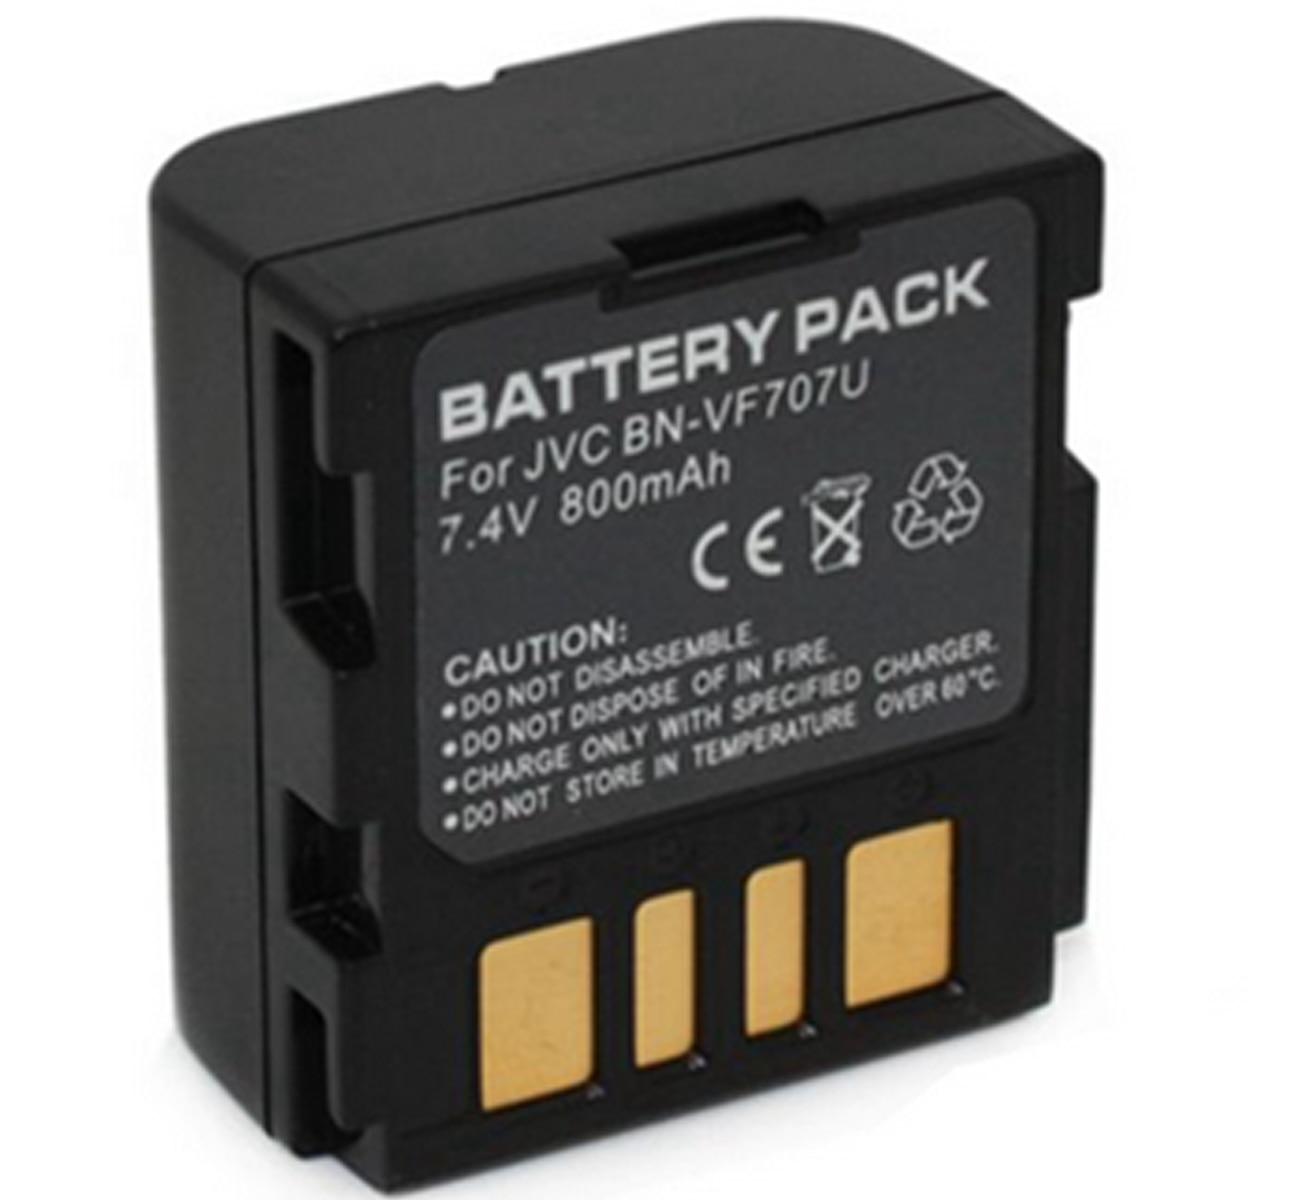 GR-D396EK Battery Charger for JVC GR-D396AA GR-D396E GR-D396EZ MiniDV Camcorder GR-D396EX